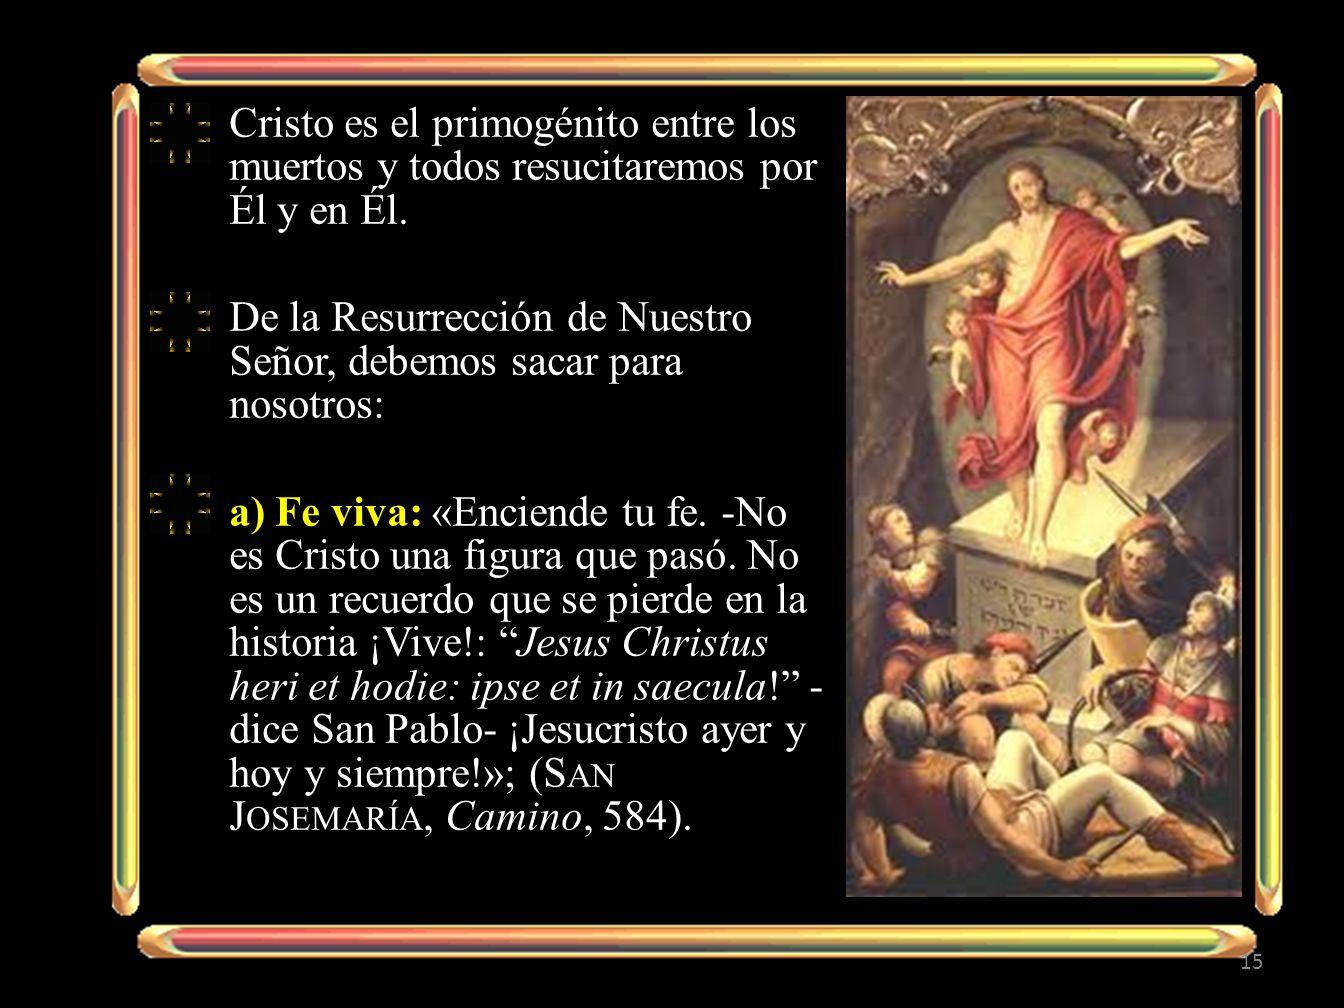 Cristo es el primogénito entre los muertos y todos resucitaremos por Él y en Él.